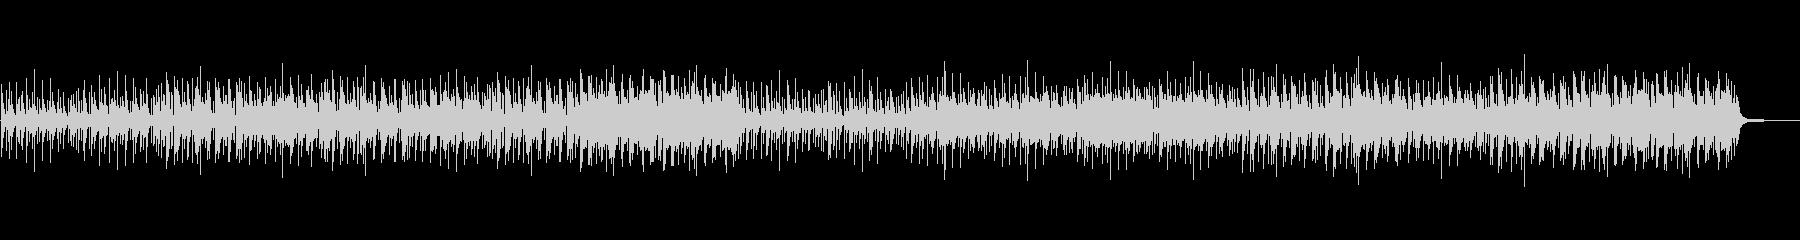 ピアノ/モード・ジャズ風の未再生の波形